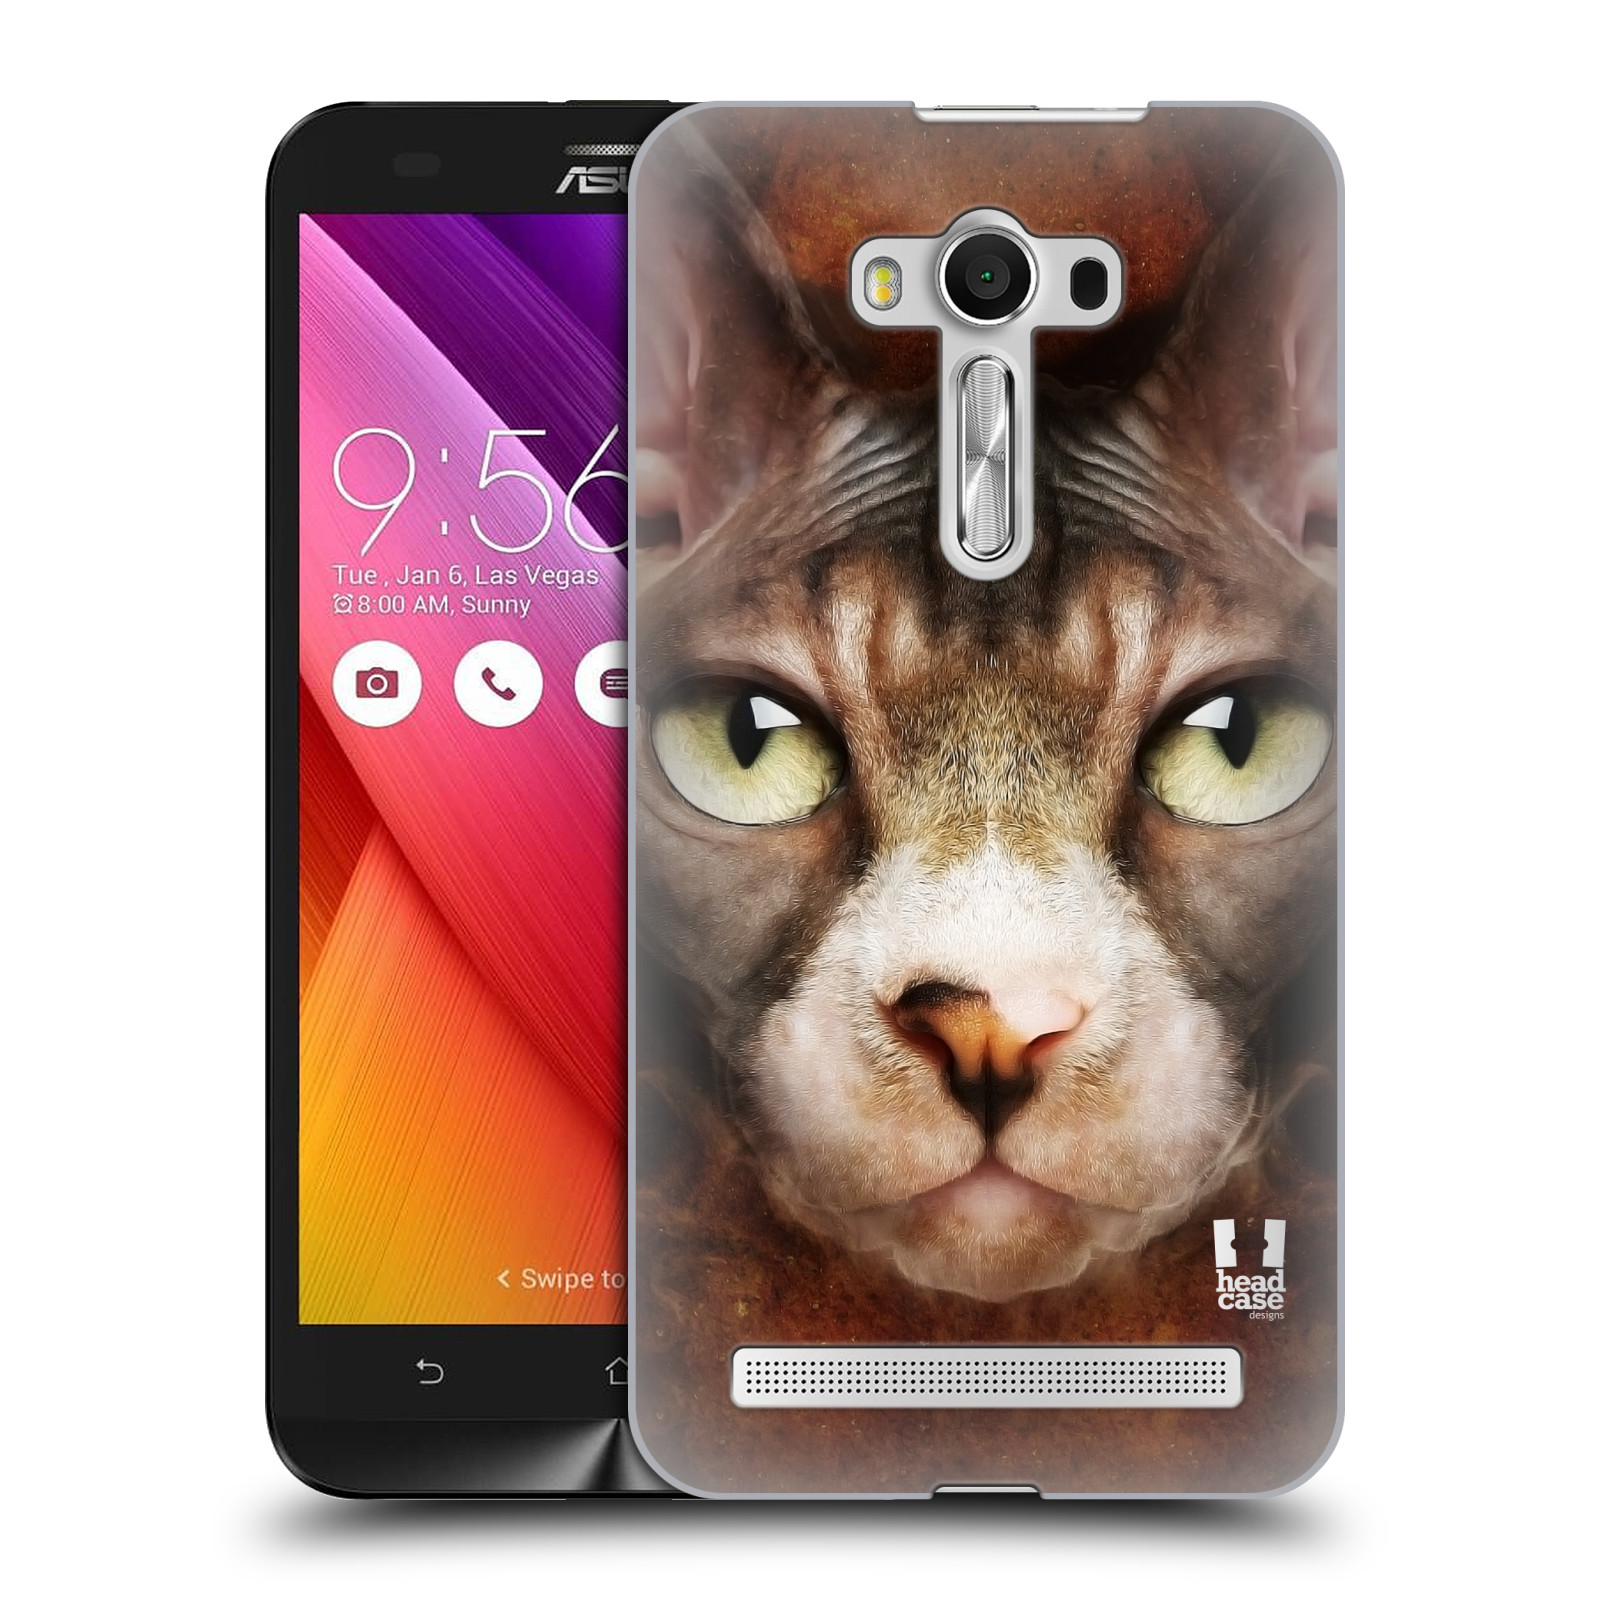 HEAD CASE plastový obal na mobil Asus Zenfone 2 LASER (5,5 displej ZE550KL) vzor Zvířecí tváře kočka sphynx